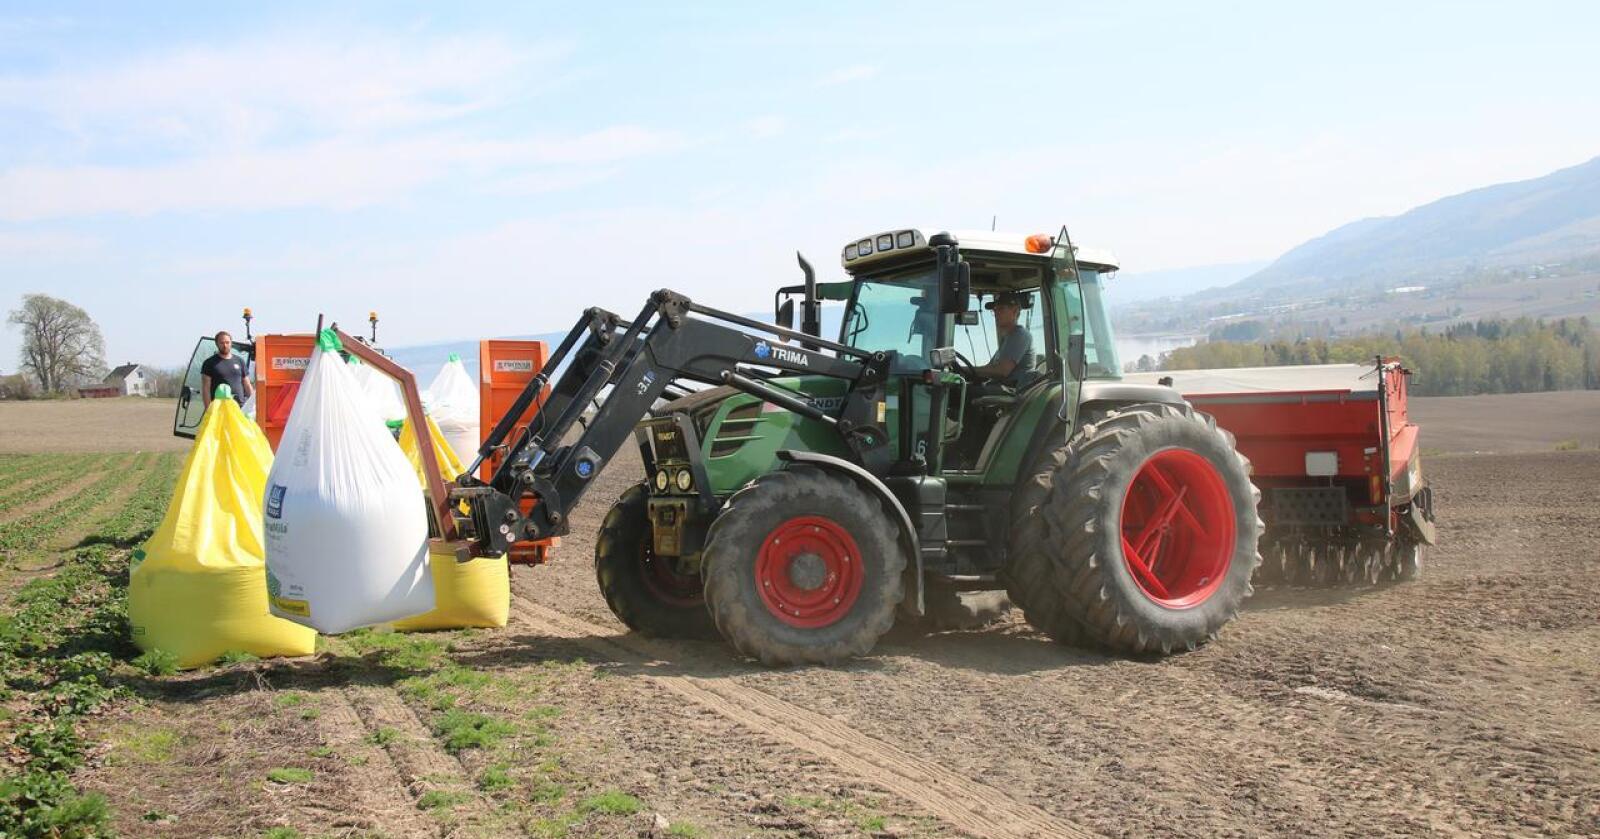 Høye priser og redusert produksjon av ammoniakk gjør at FK Agri stanser salget av mineralgjødsel fra i dag. (Arkivfoto)